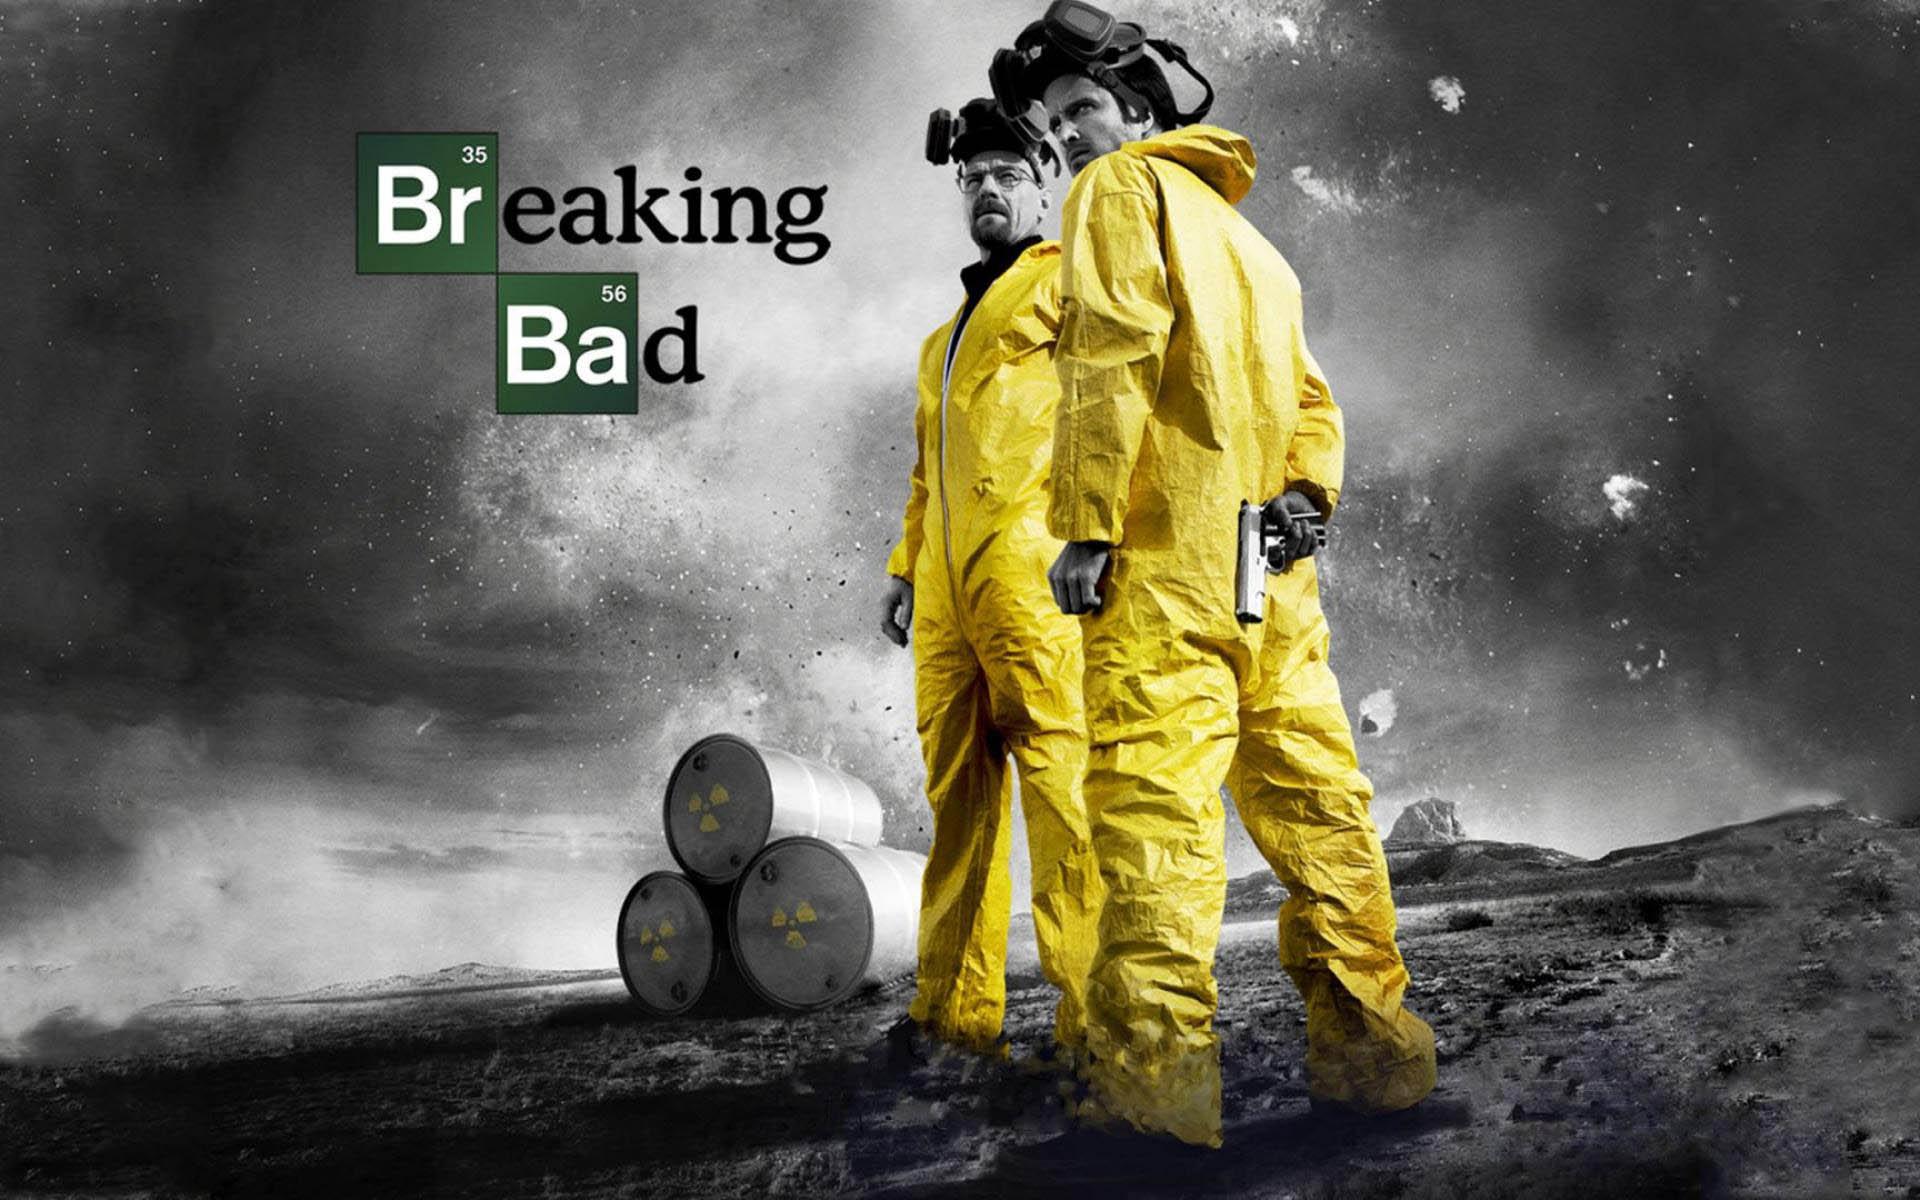 Breaking Bad wallpaper 25